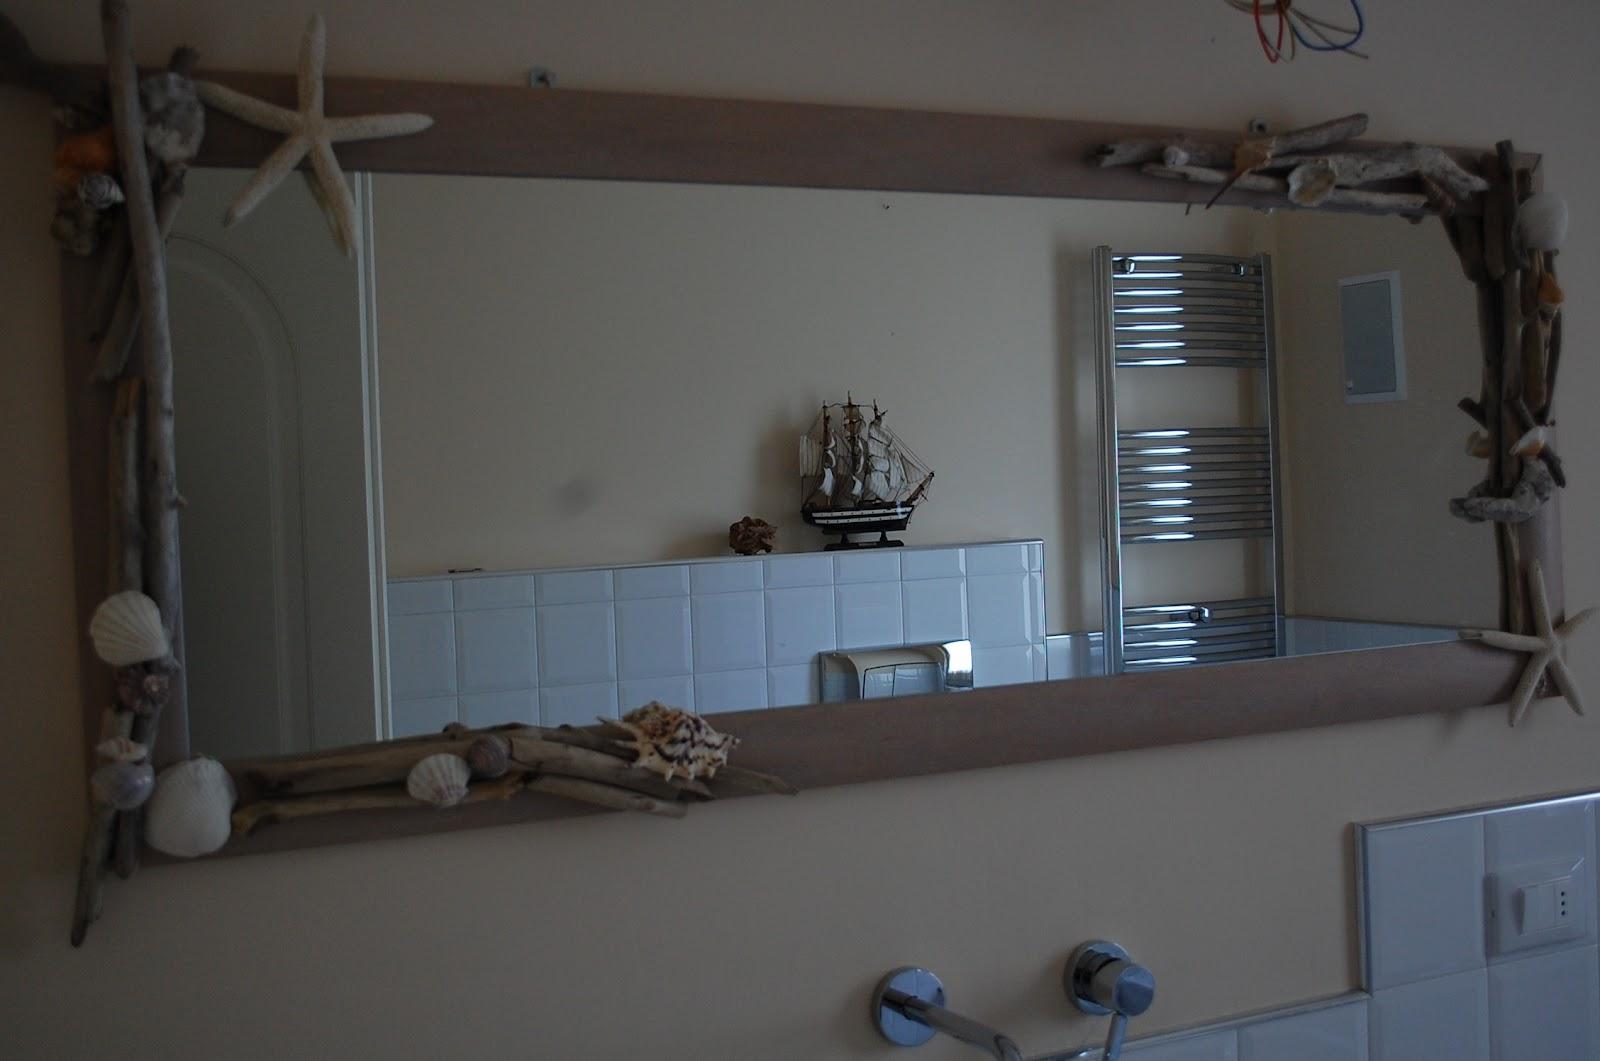 Stufa a pellet moderna sospesa - Specchio con conchiglie ...